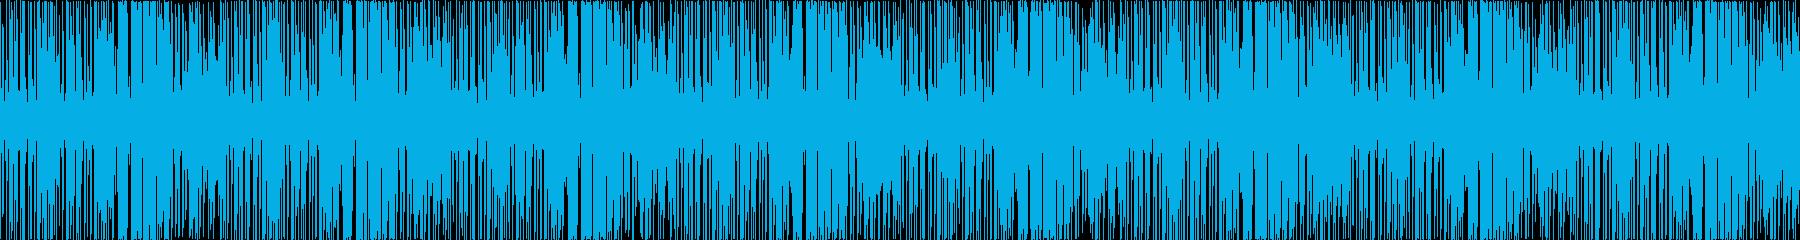 キラキラした雰囲気の温かいポップスの再生済みの波形